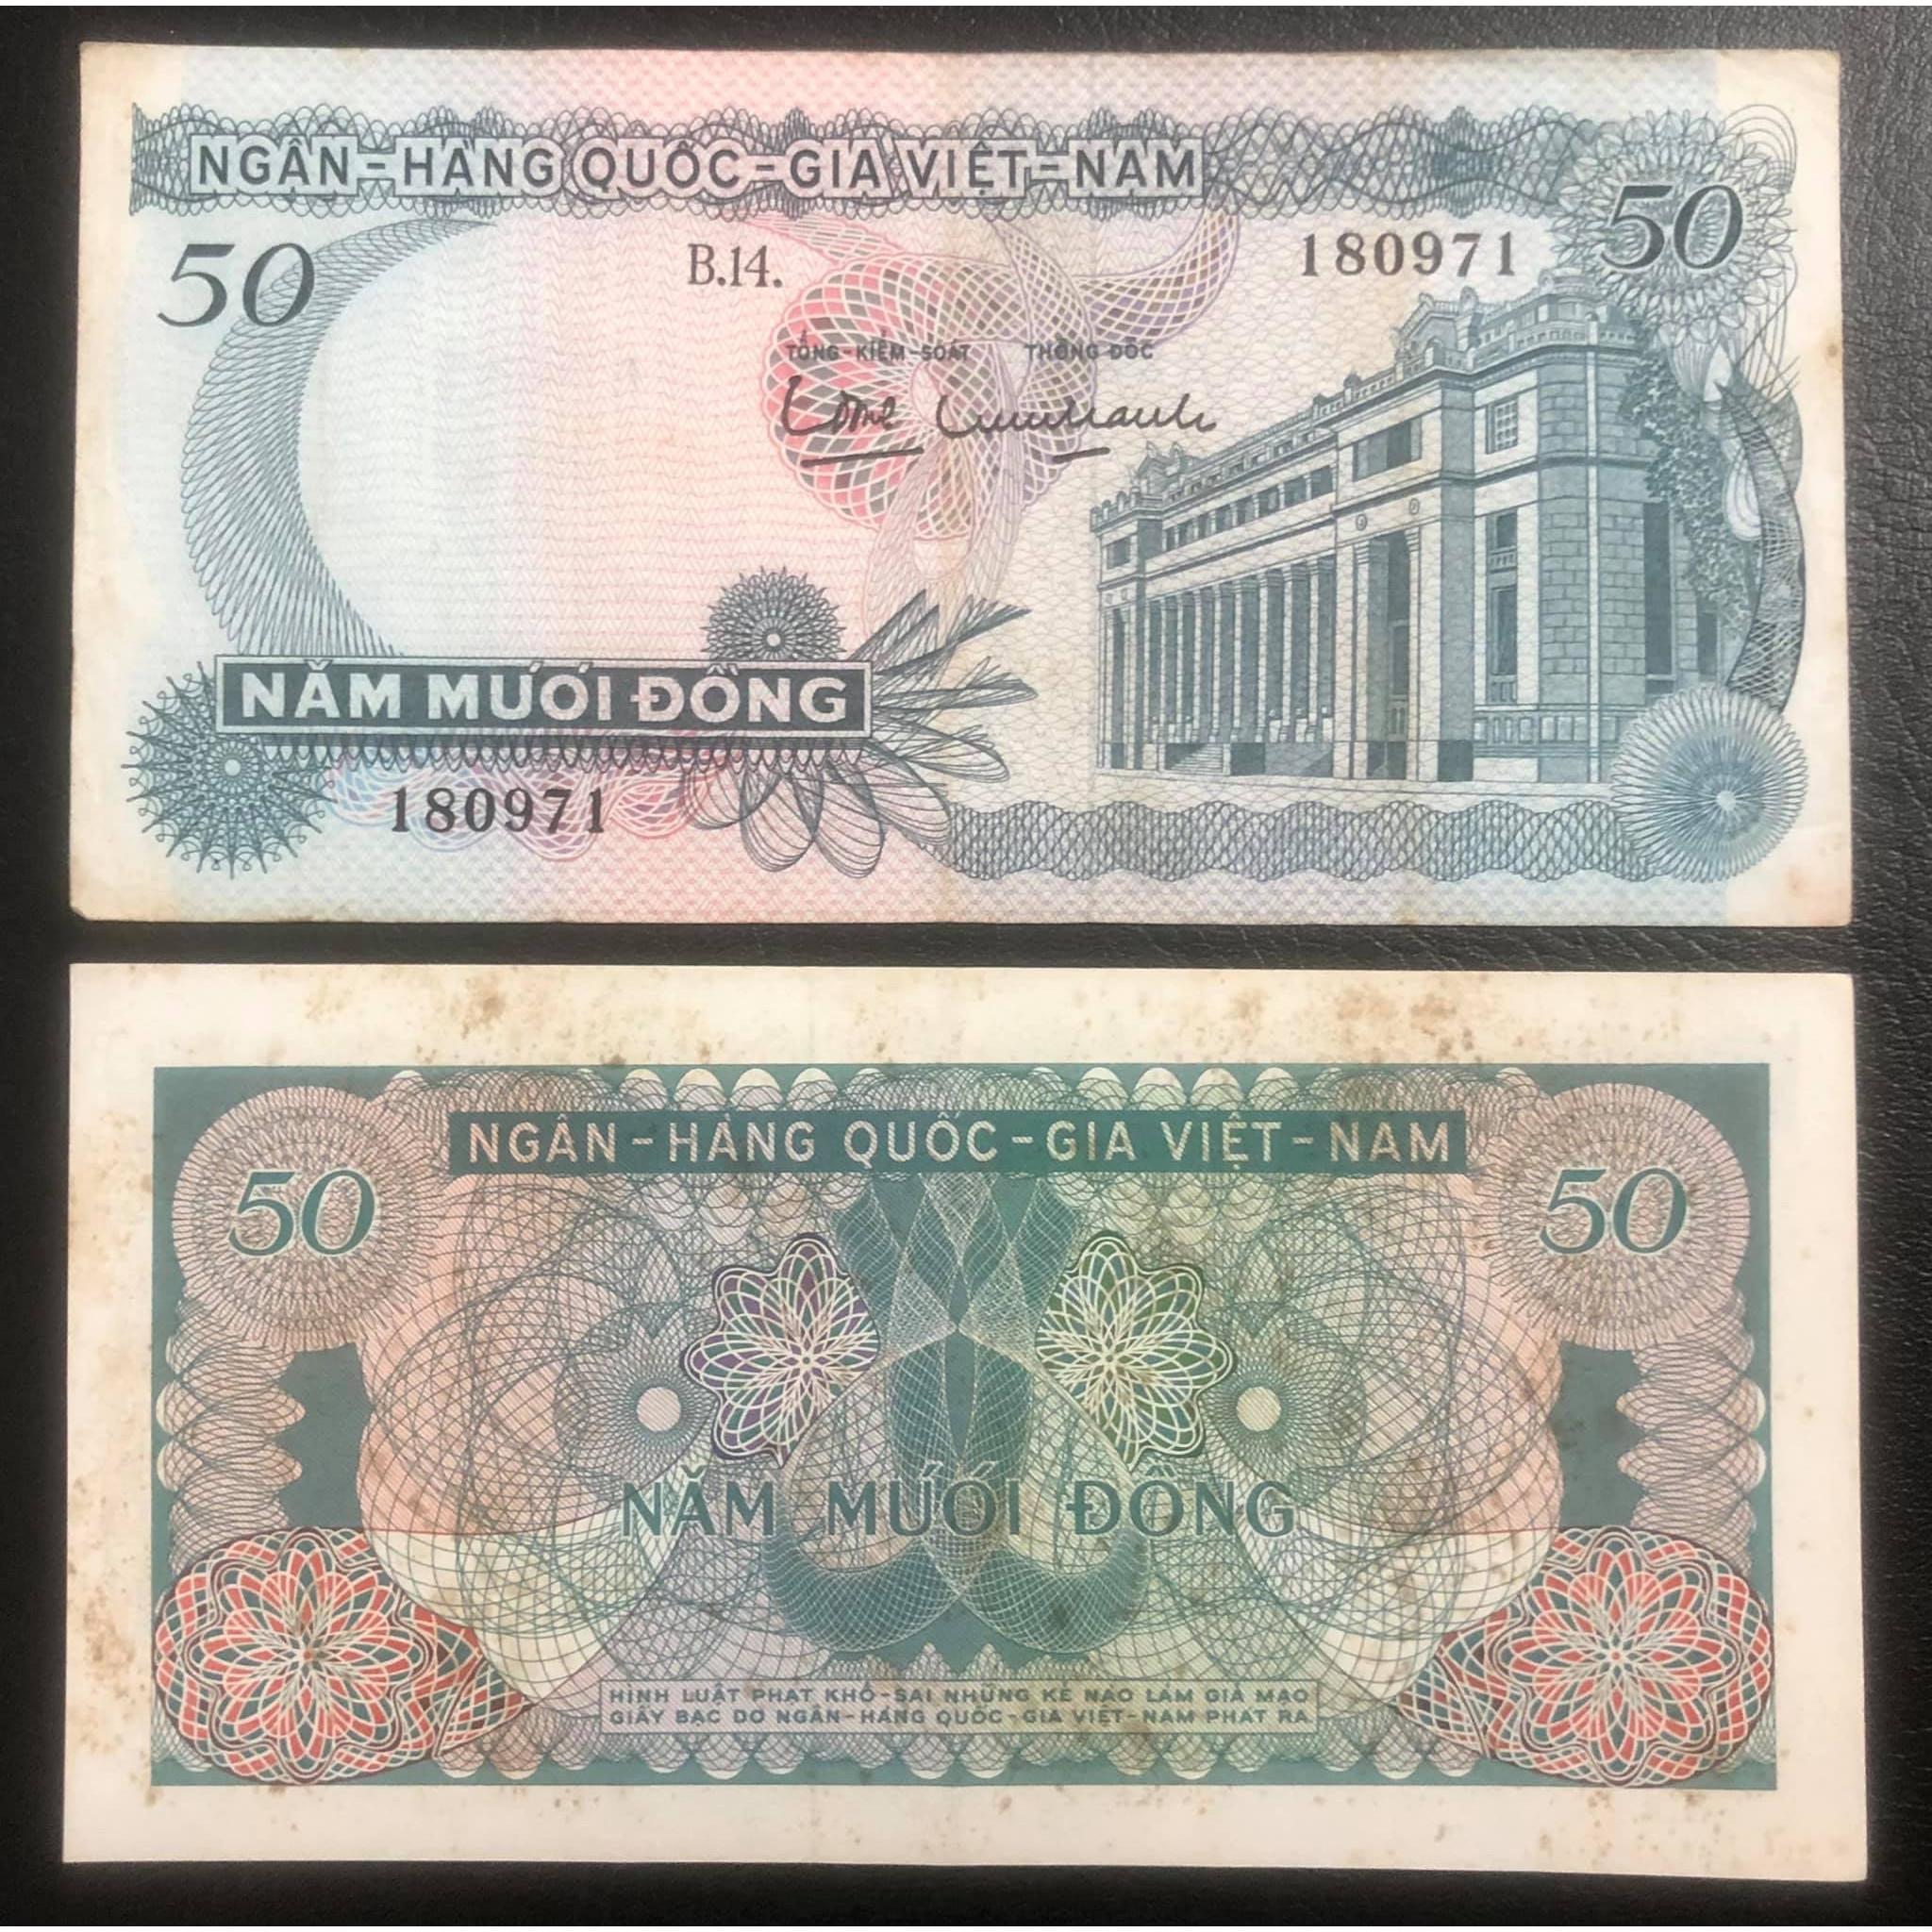 Tiền xưa Việt Nam, tờ 50 đồng Hoa văn